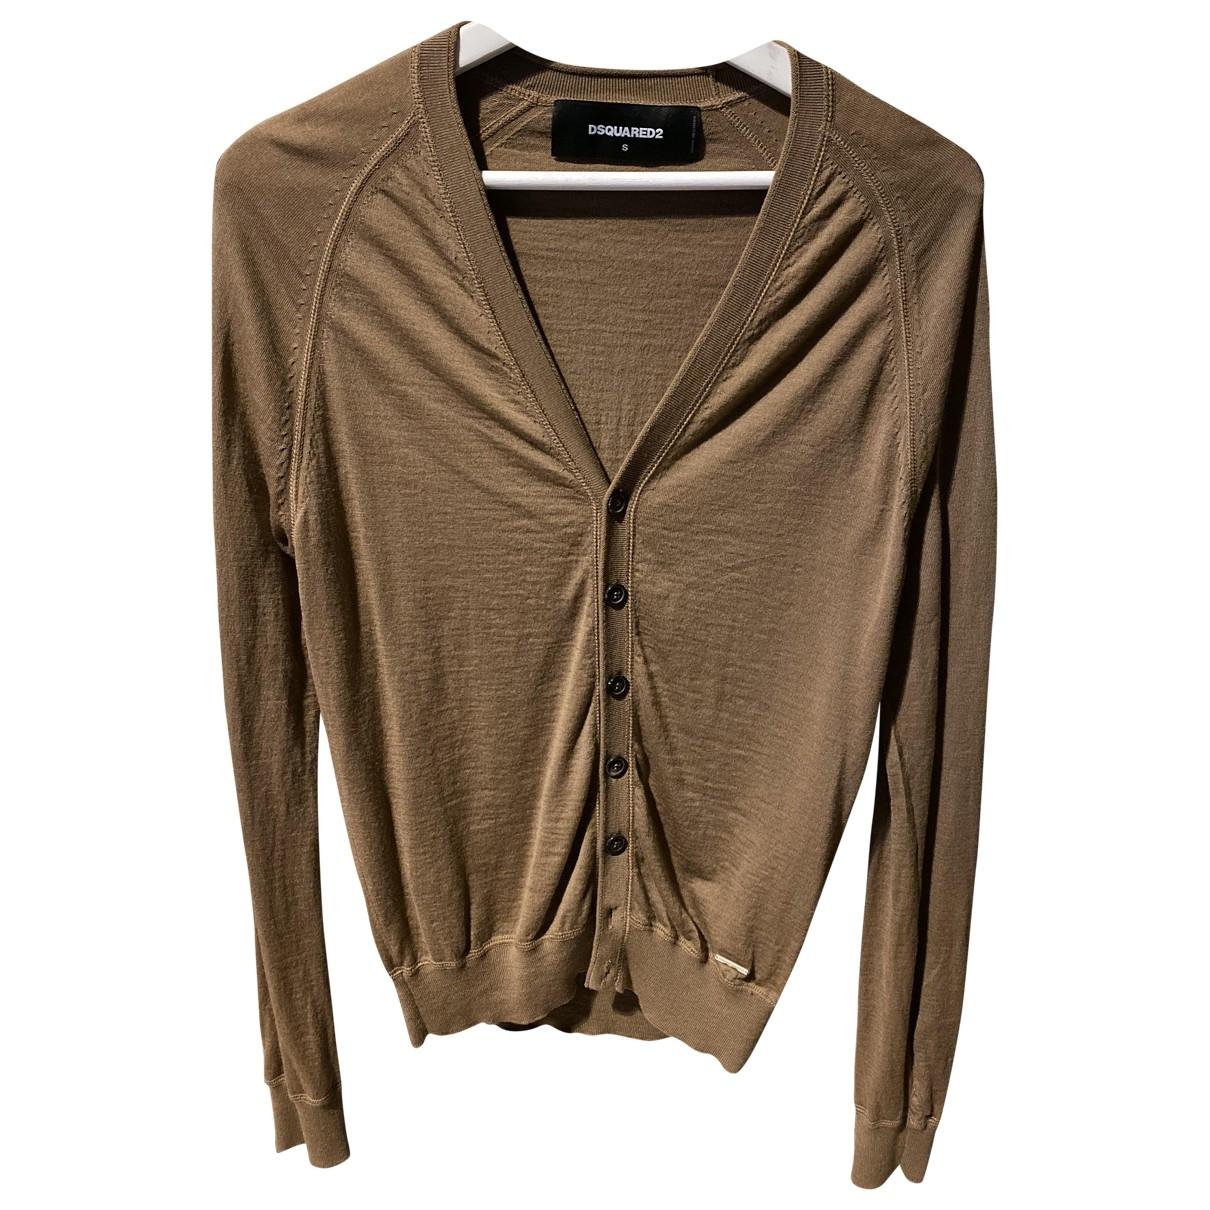 Dsquared2 - Pulls.Gilets.Sweats   pour homme en laine - marron